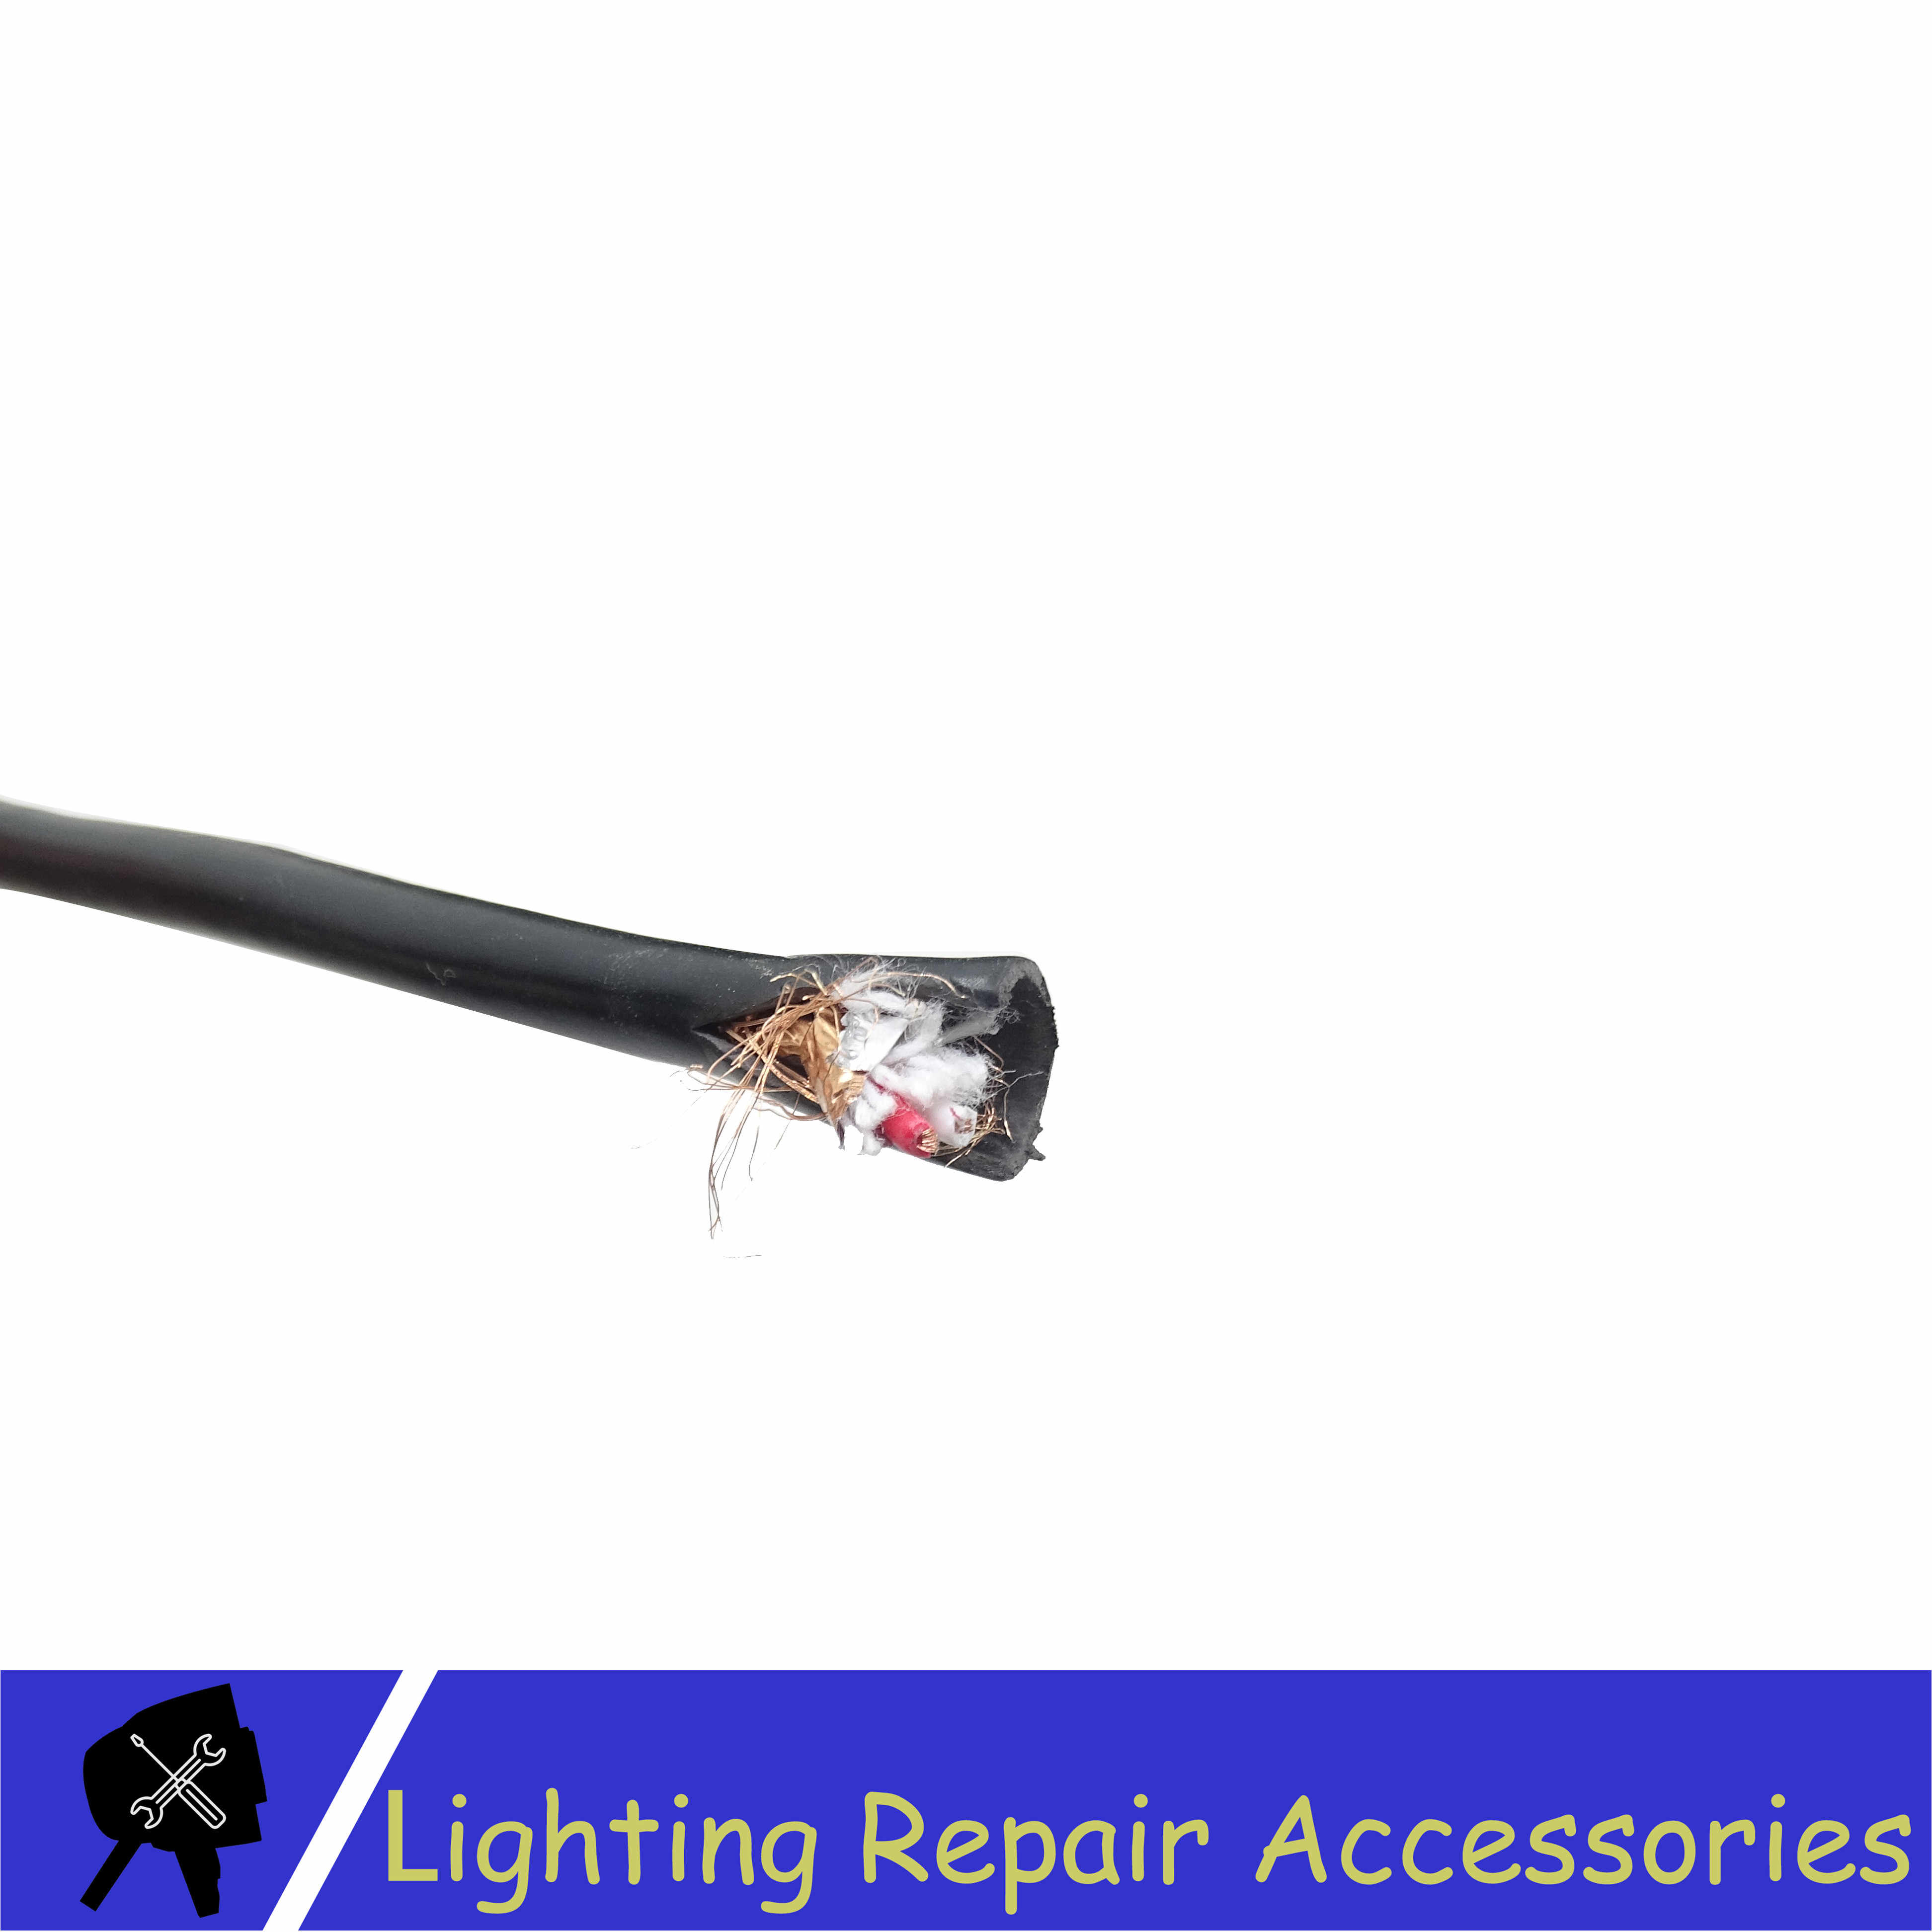 3-контактный разъем для подключения сигнала Экранирование DMX кабель 50 м/100 м/150 м/200 м/250 м/300 м/350 м/400 м/500 м DMX кабель для светодиодный PAR для сцены огни